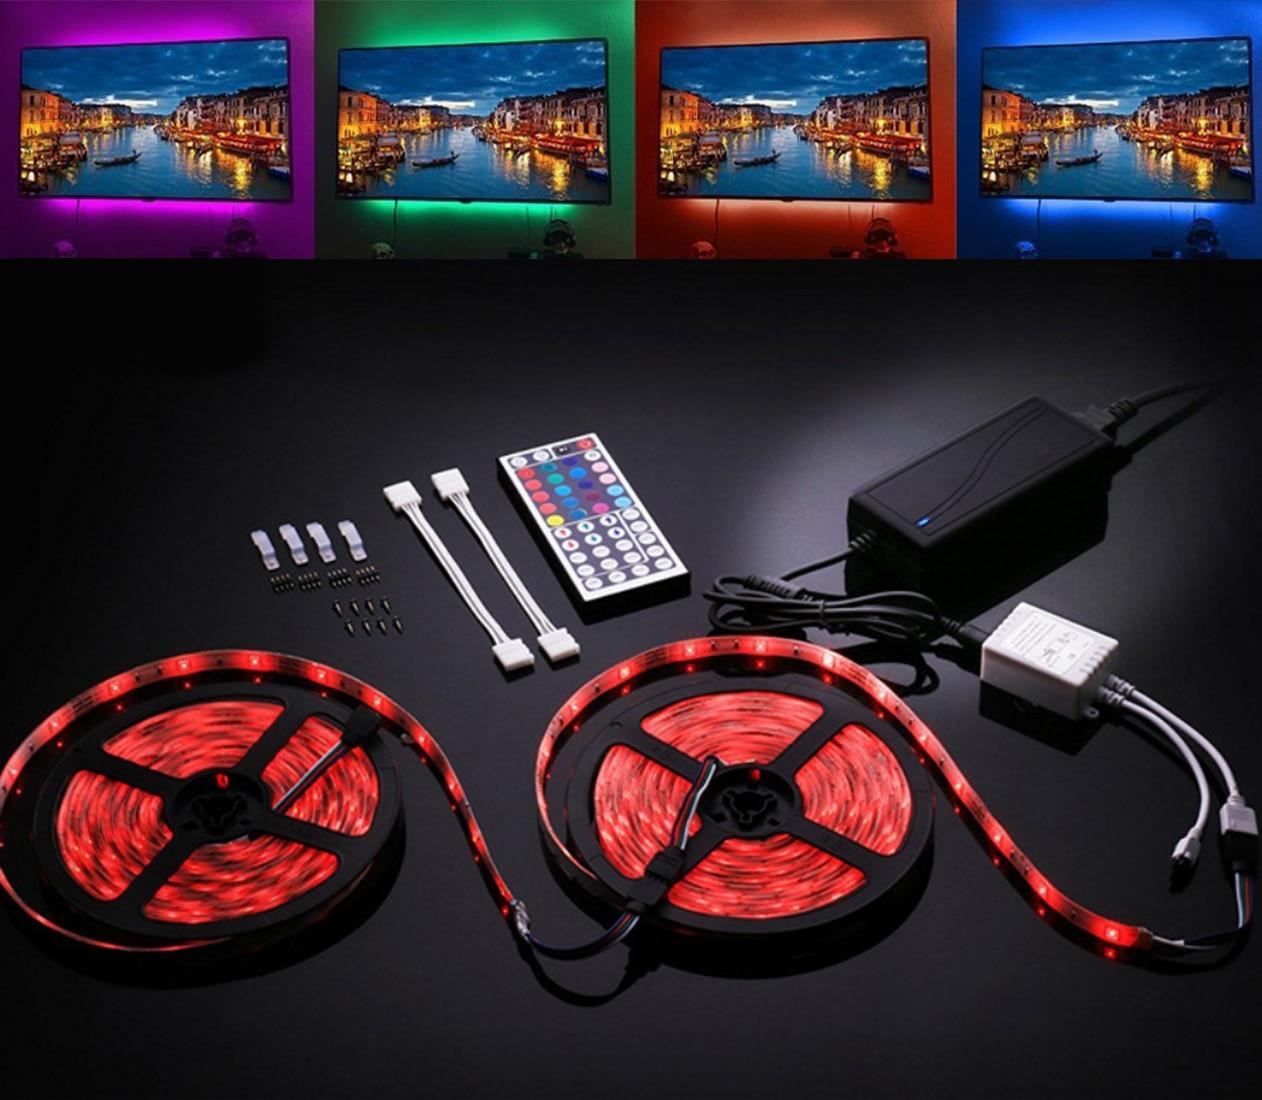 1 pc SMD 5050 RGB LED bande étanche 10 M 300 LED DC 12 V lumière LED bandes flexibles néon bande Monochrome UK/EU prise - 2